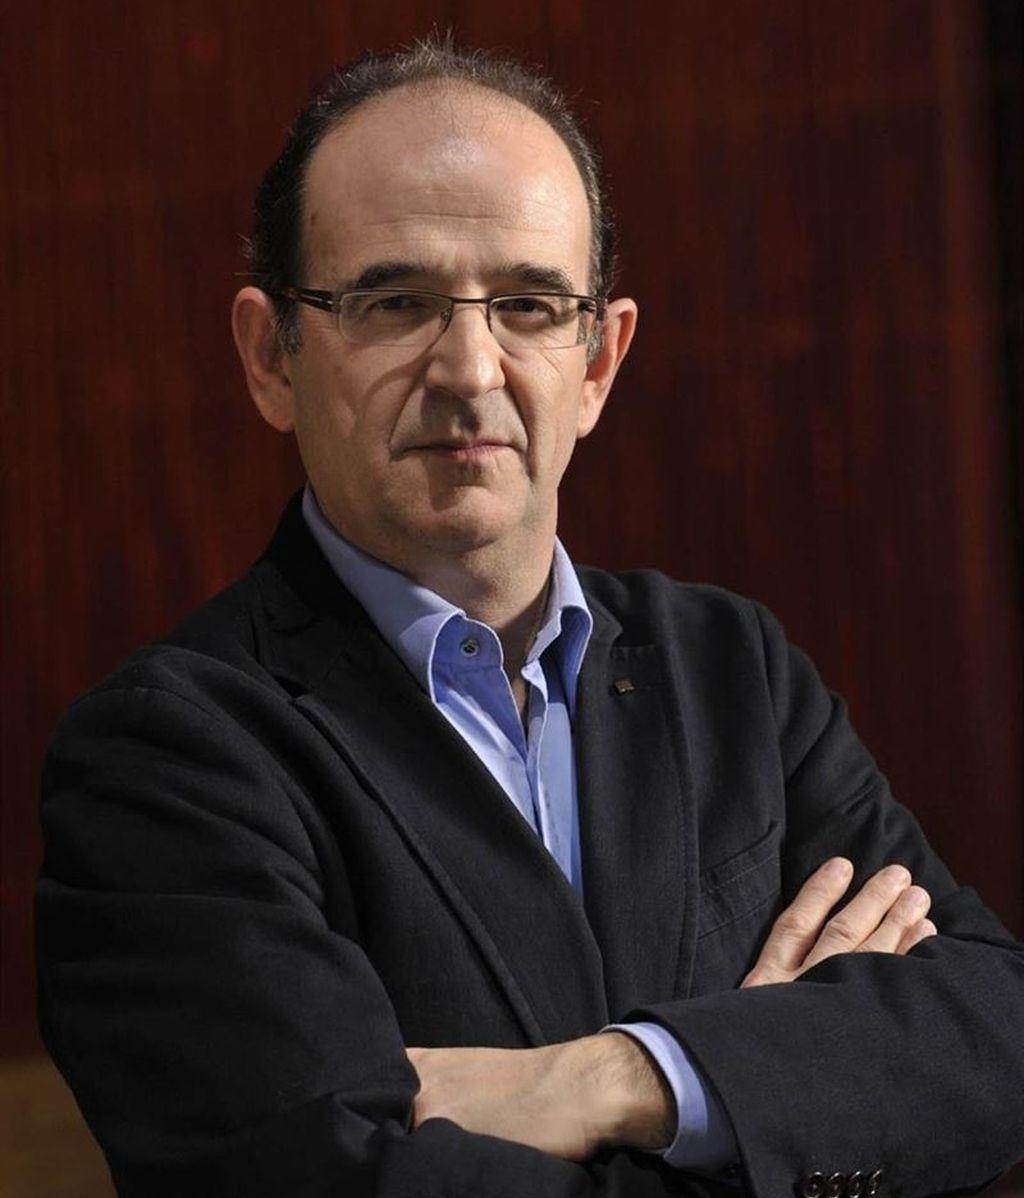 Pello Sorasola